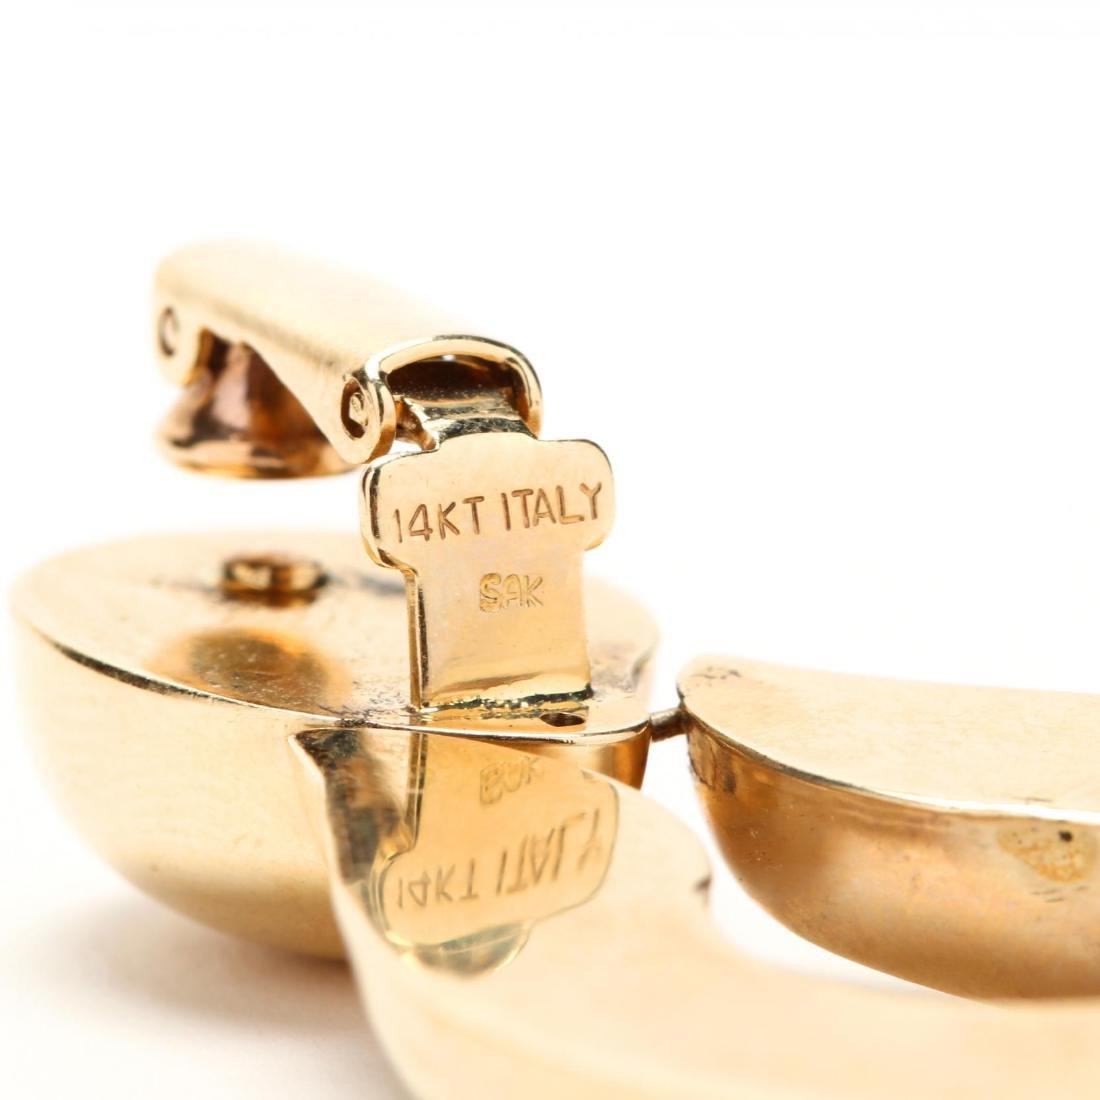 14KT Gold Bracelet and Earrings, Italy - 3